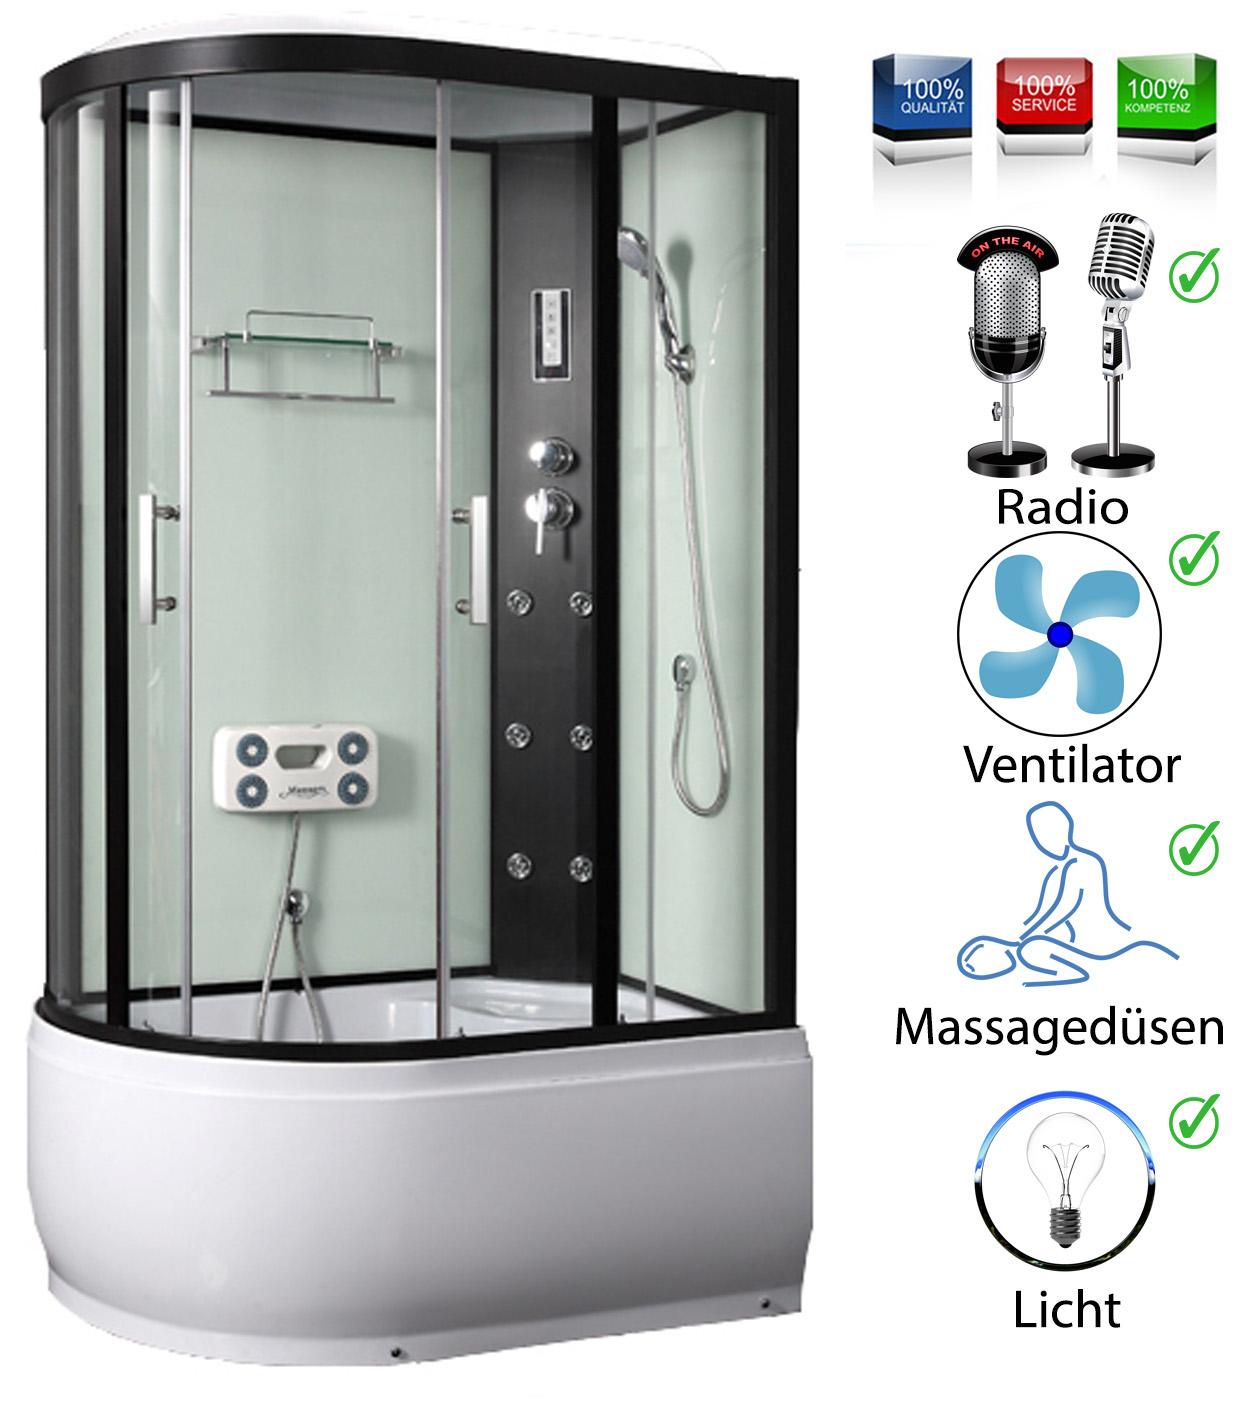 Cabine de douche pluie finie paroi baignoire re ebay for Baignoire cabine de douche integree